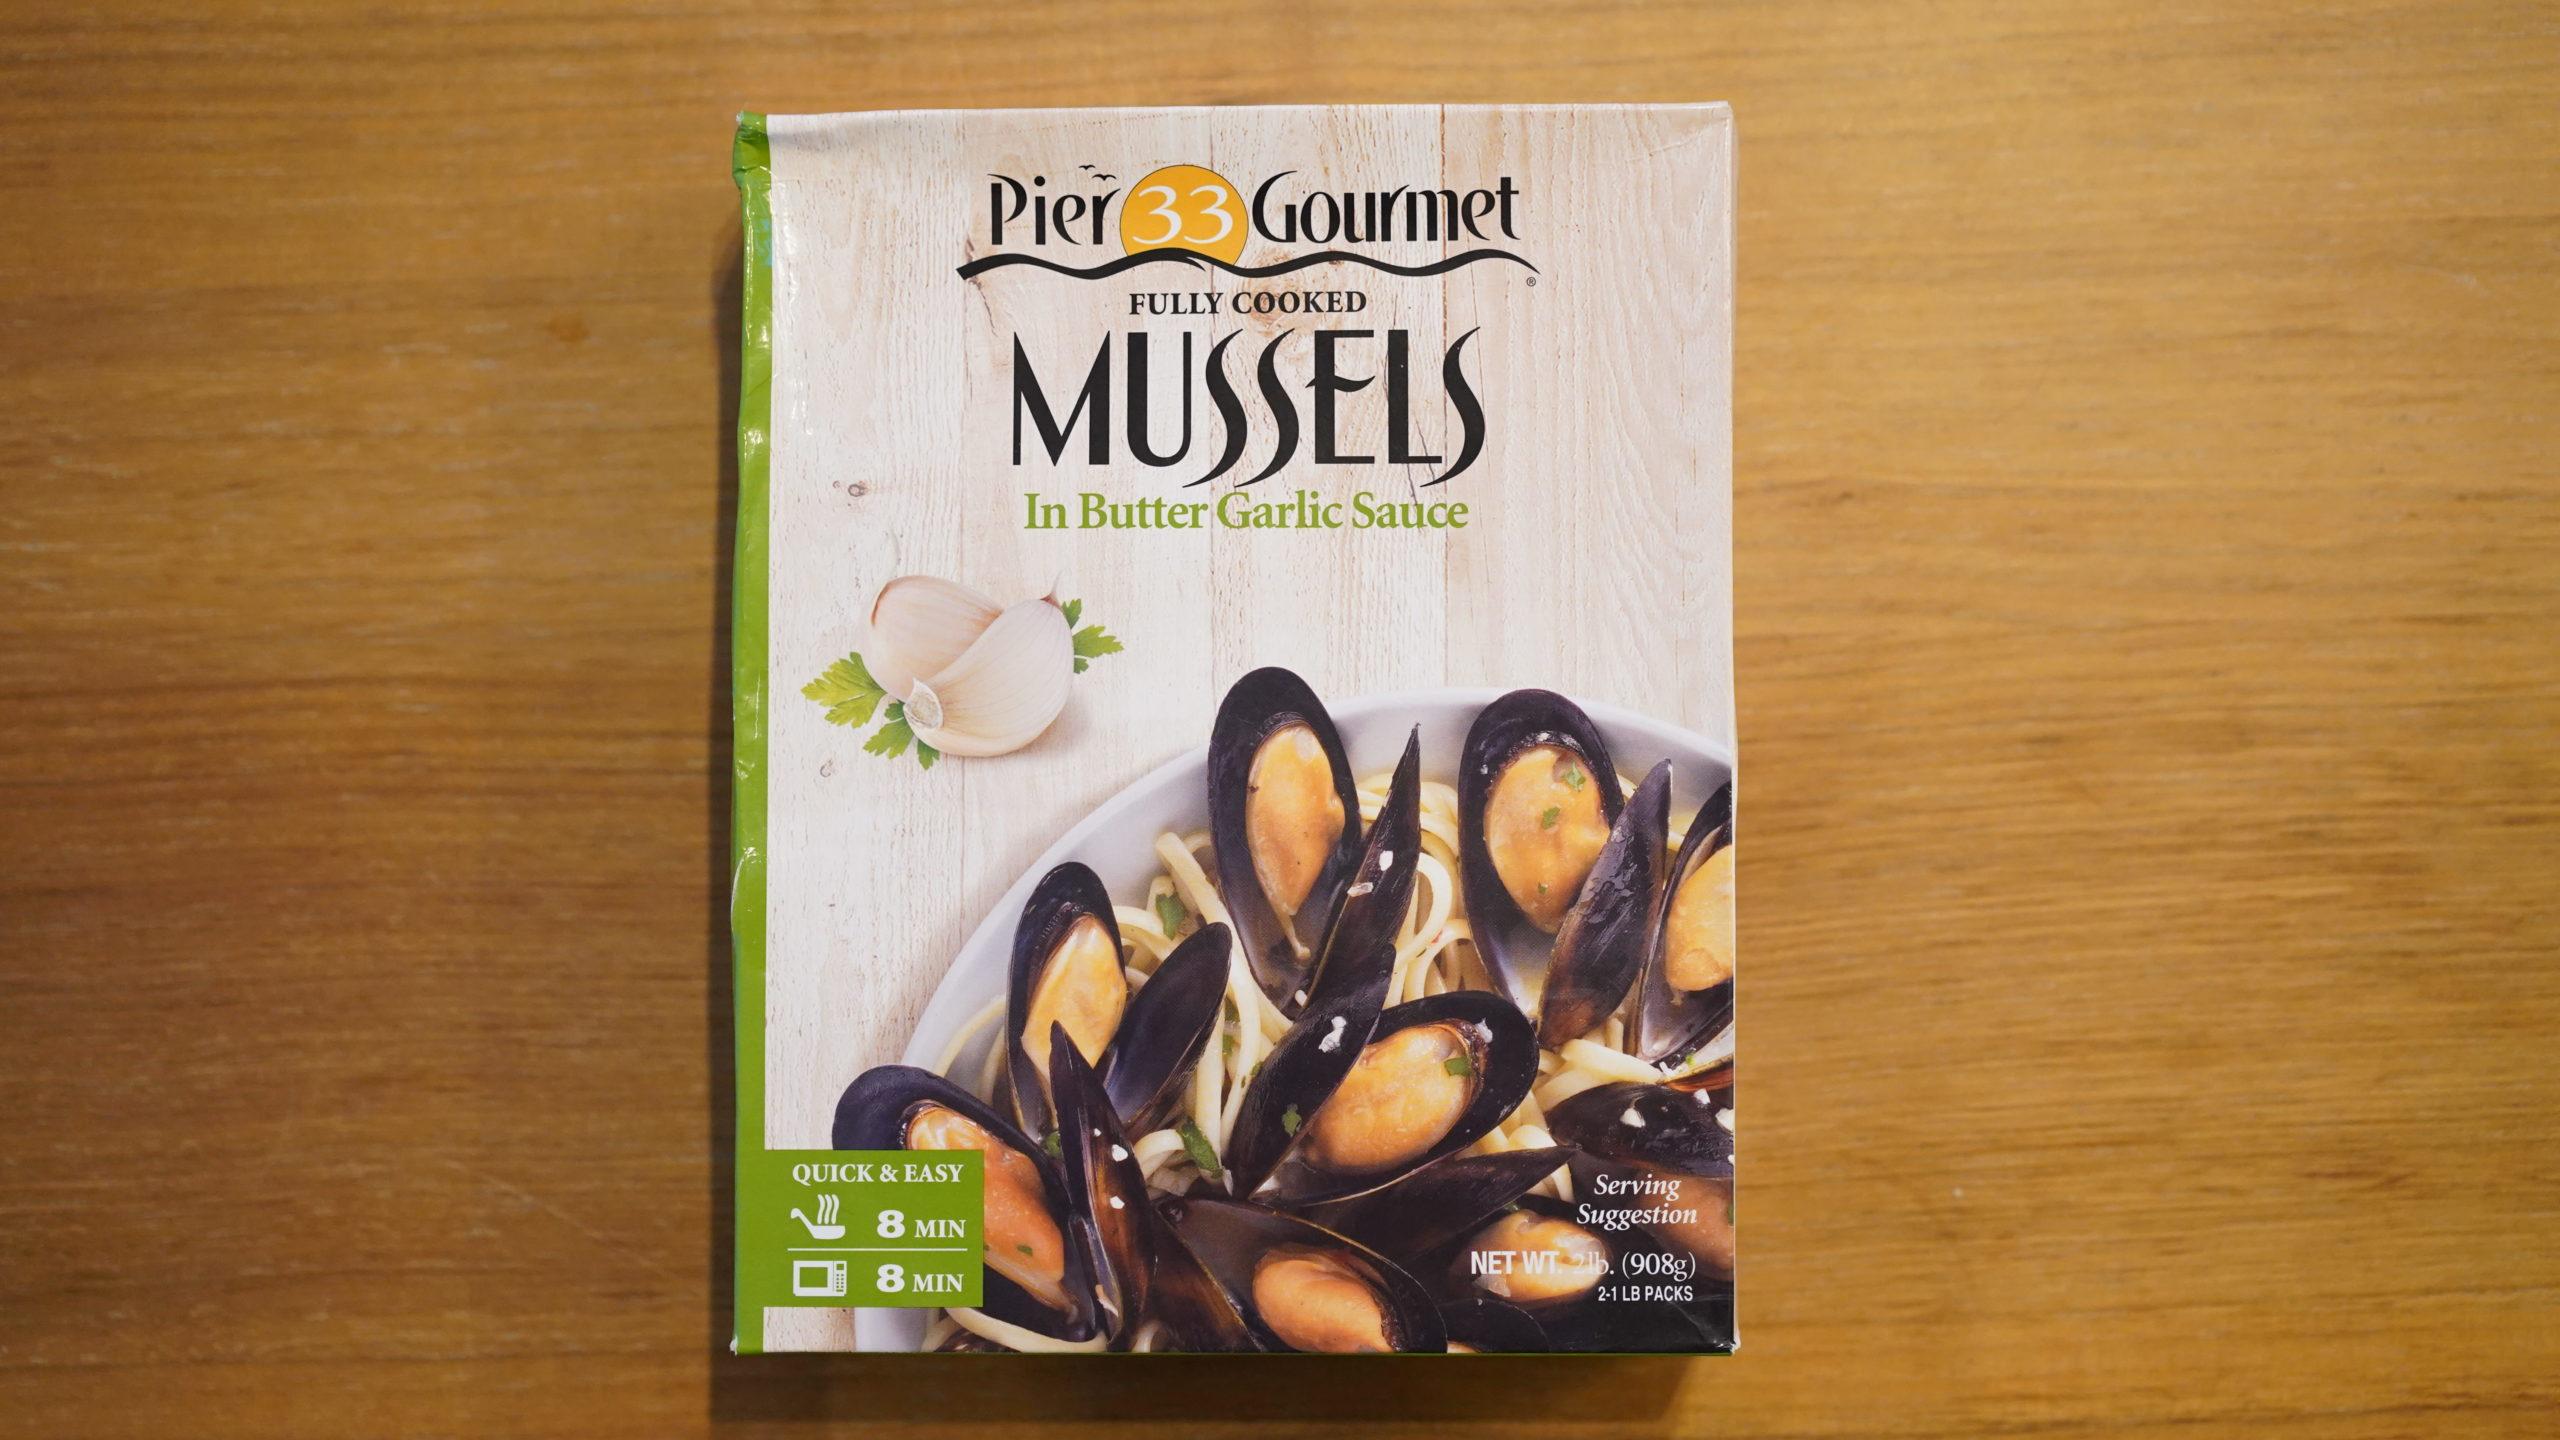 コストコのおすすめ冷凍食品「ムール貝バターガーリック味のパスタソース」のパッケージ写真